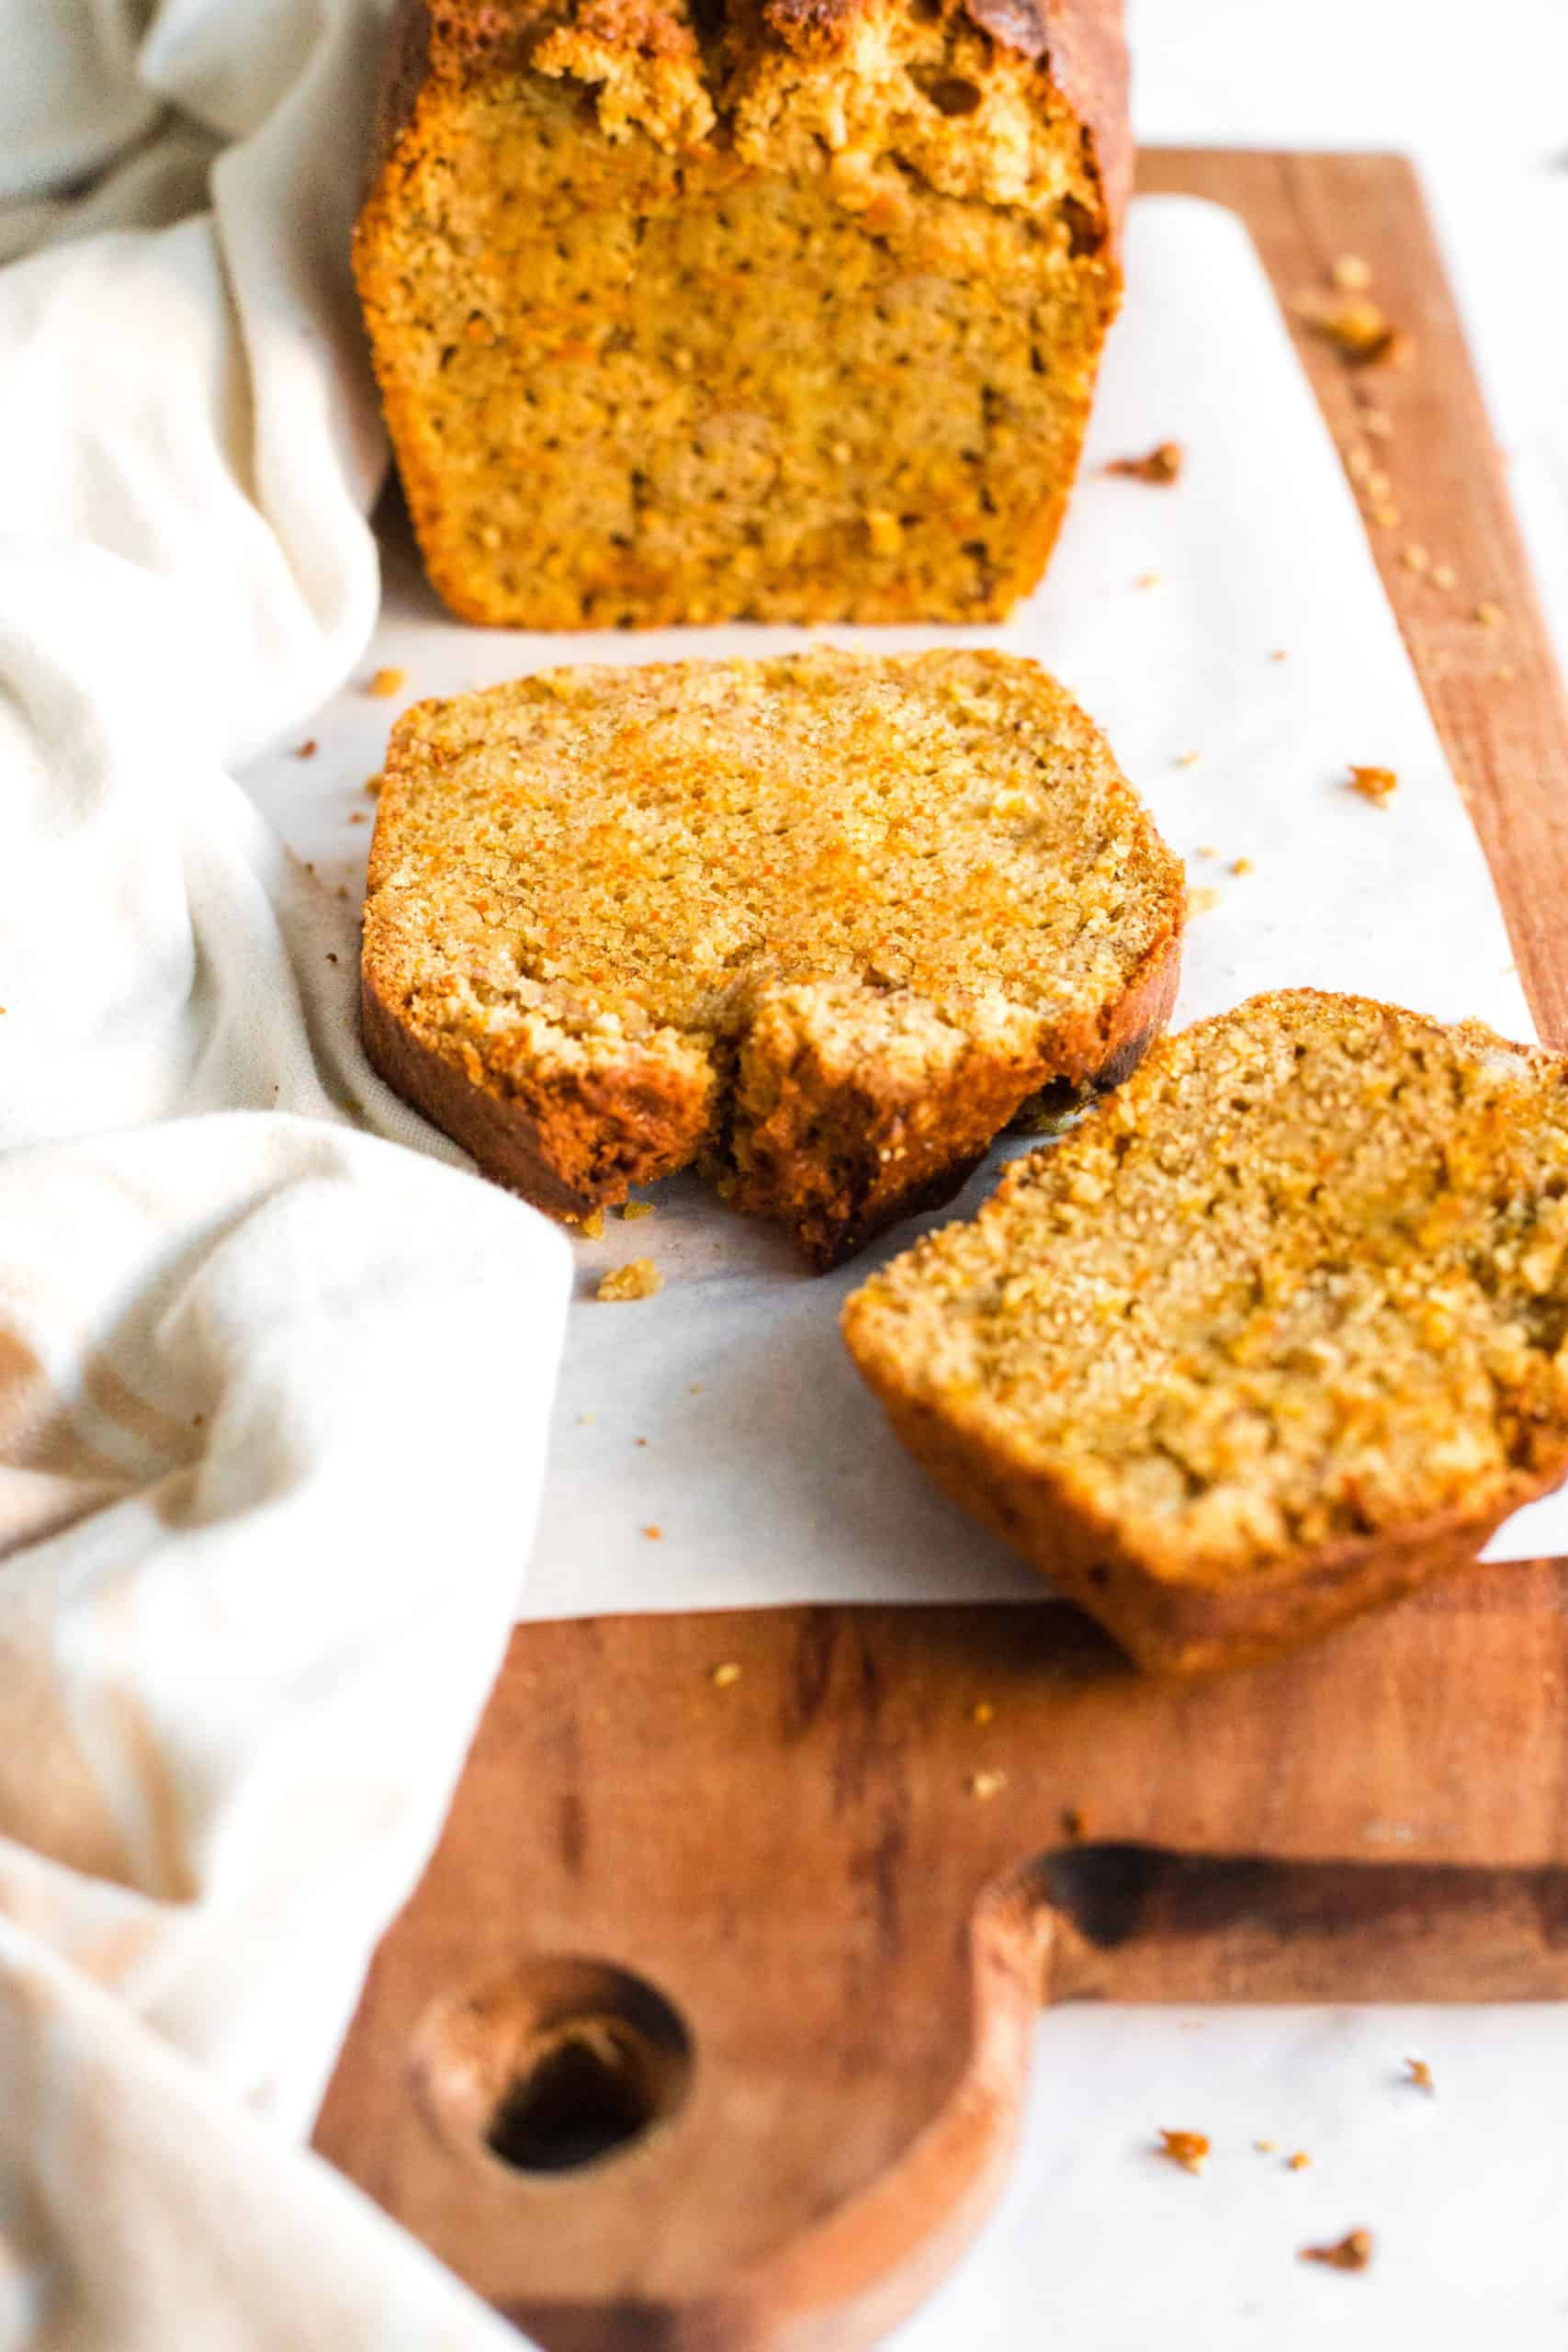 Gluten-free carrot cake bread on a wooden board.